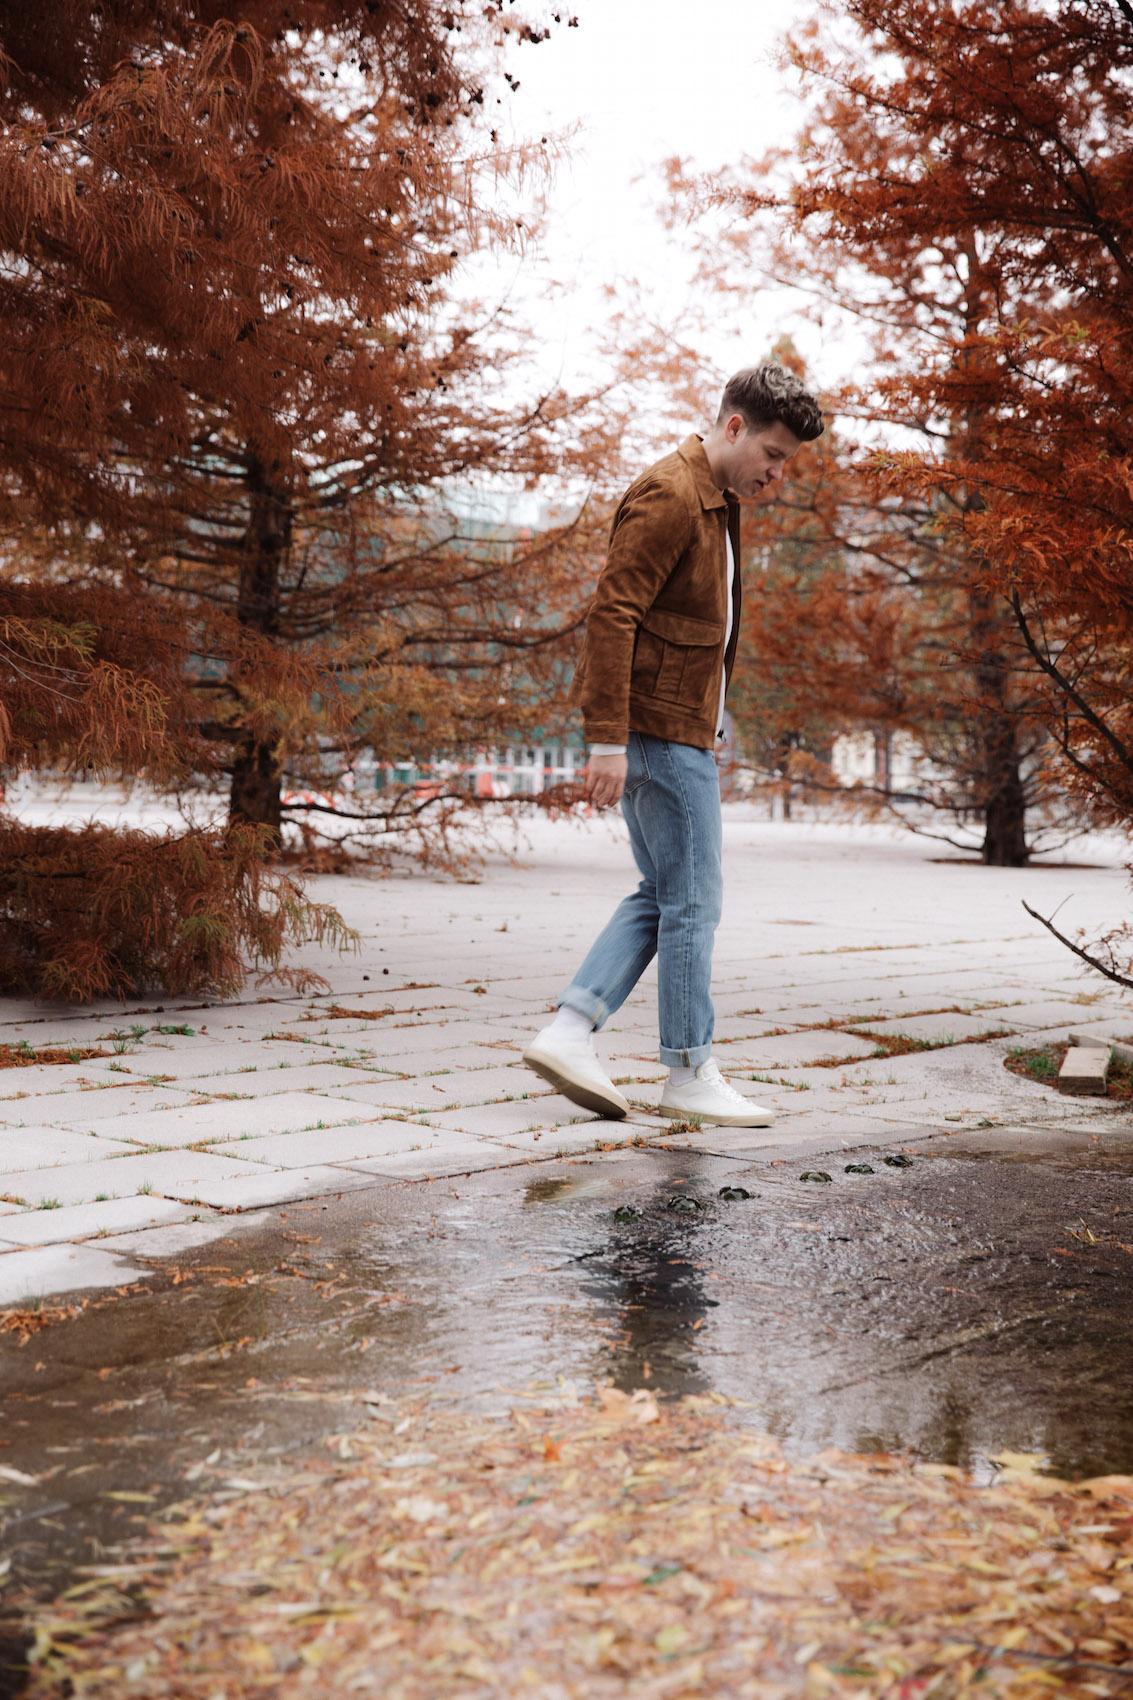 weekday Herbstoutfit Wildlederjacke 90er Jahre Jeans und Stickpulli Outfitpost von Meanwhile in Awesometown - Wiener Männermode und Lifestyle Blogger1